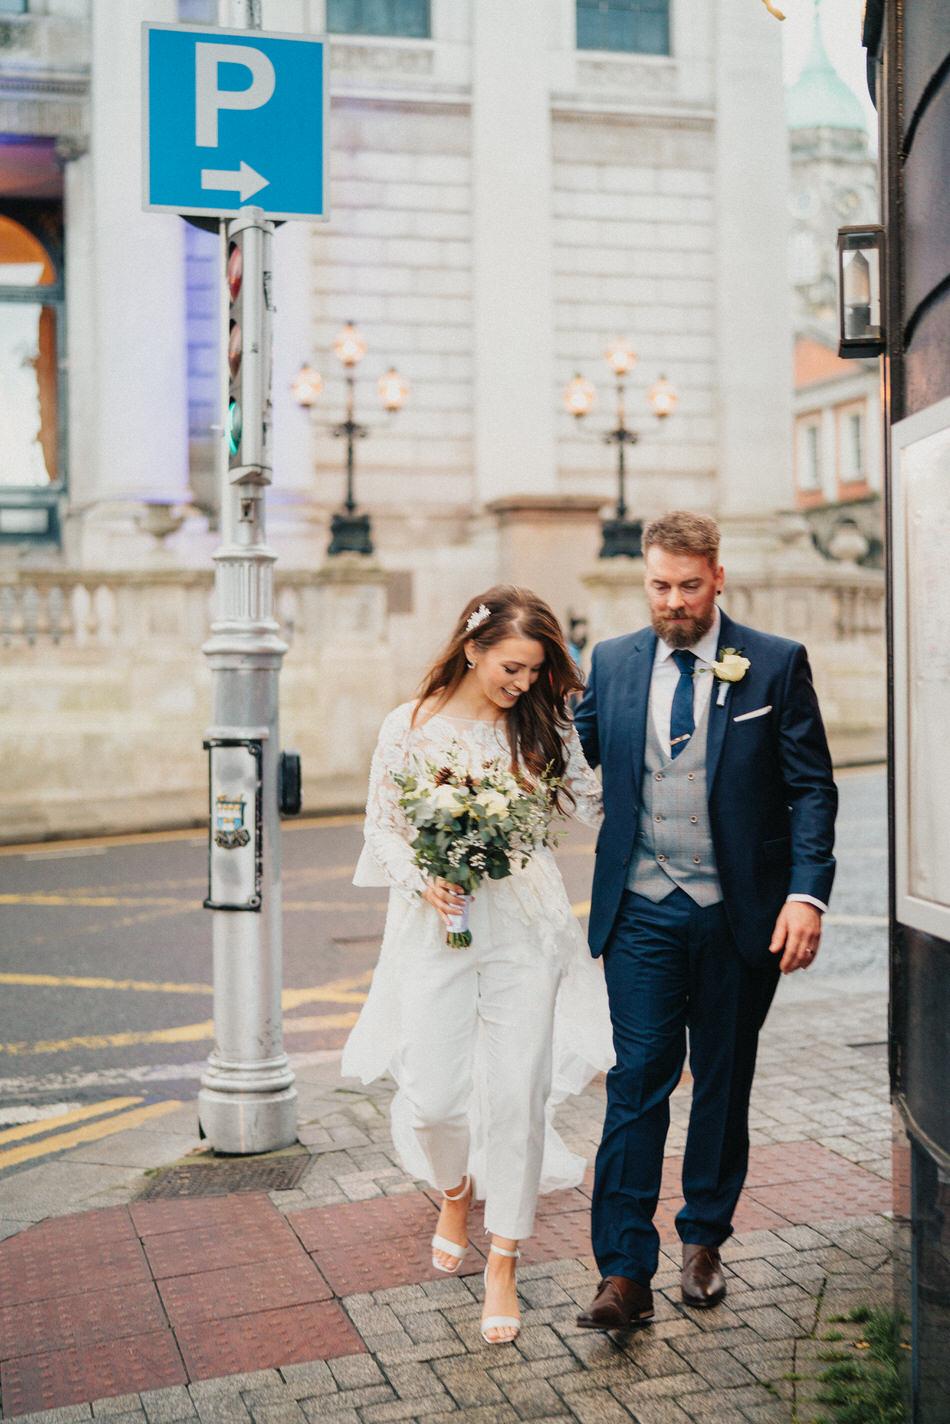 City-hall-dublin-wedding-photos-72 71